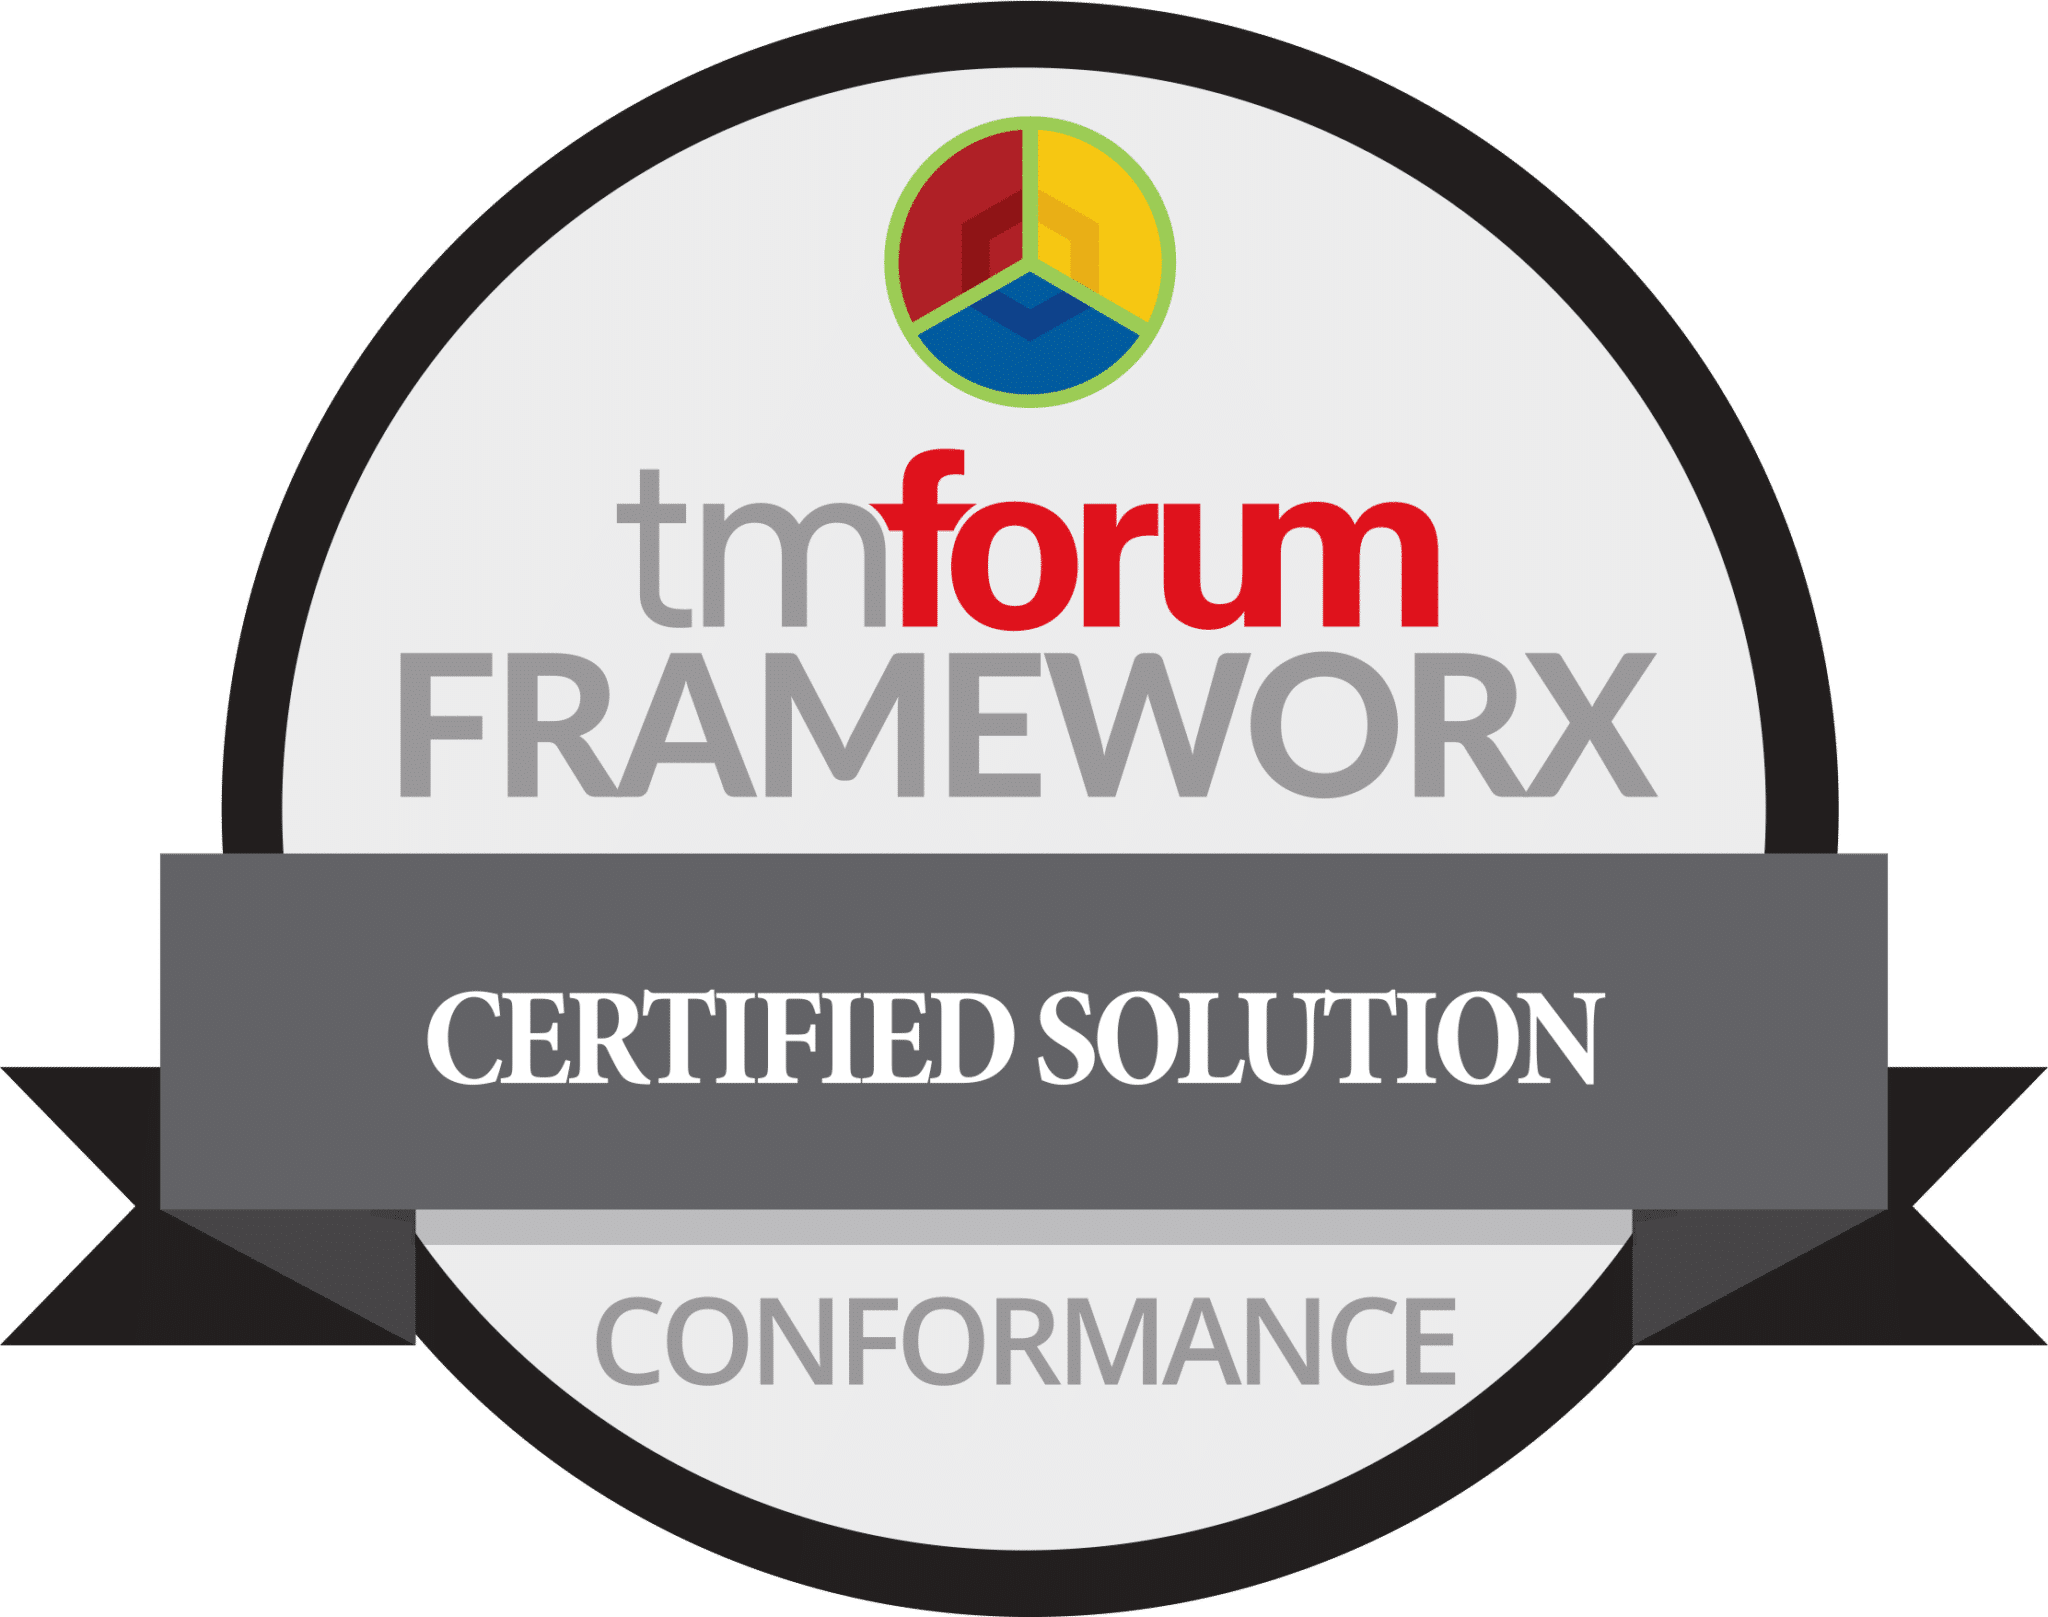 Conformance Certification Tm Forum